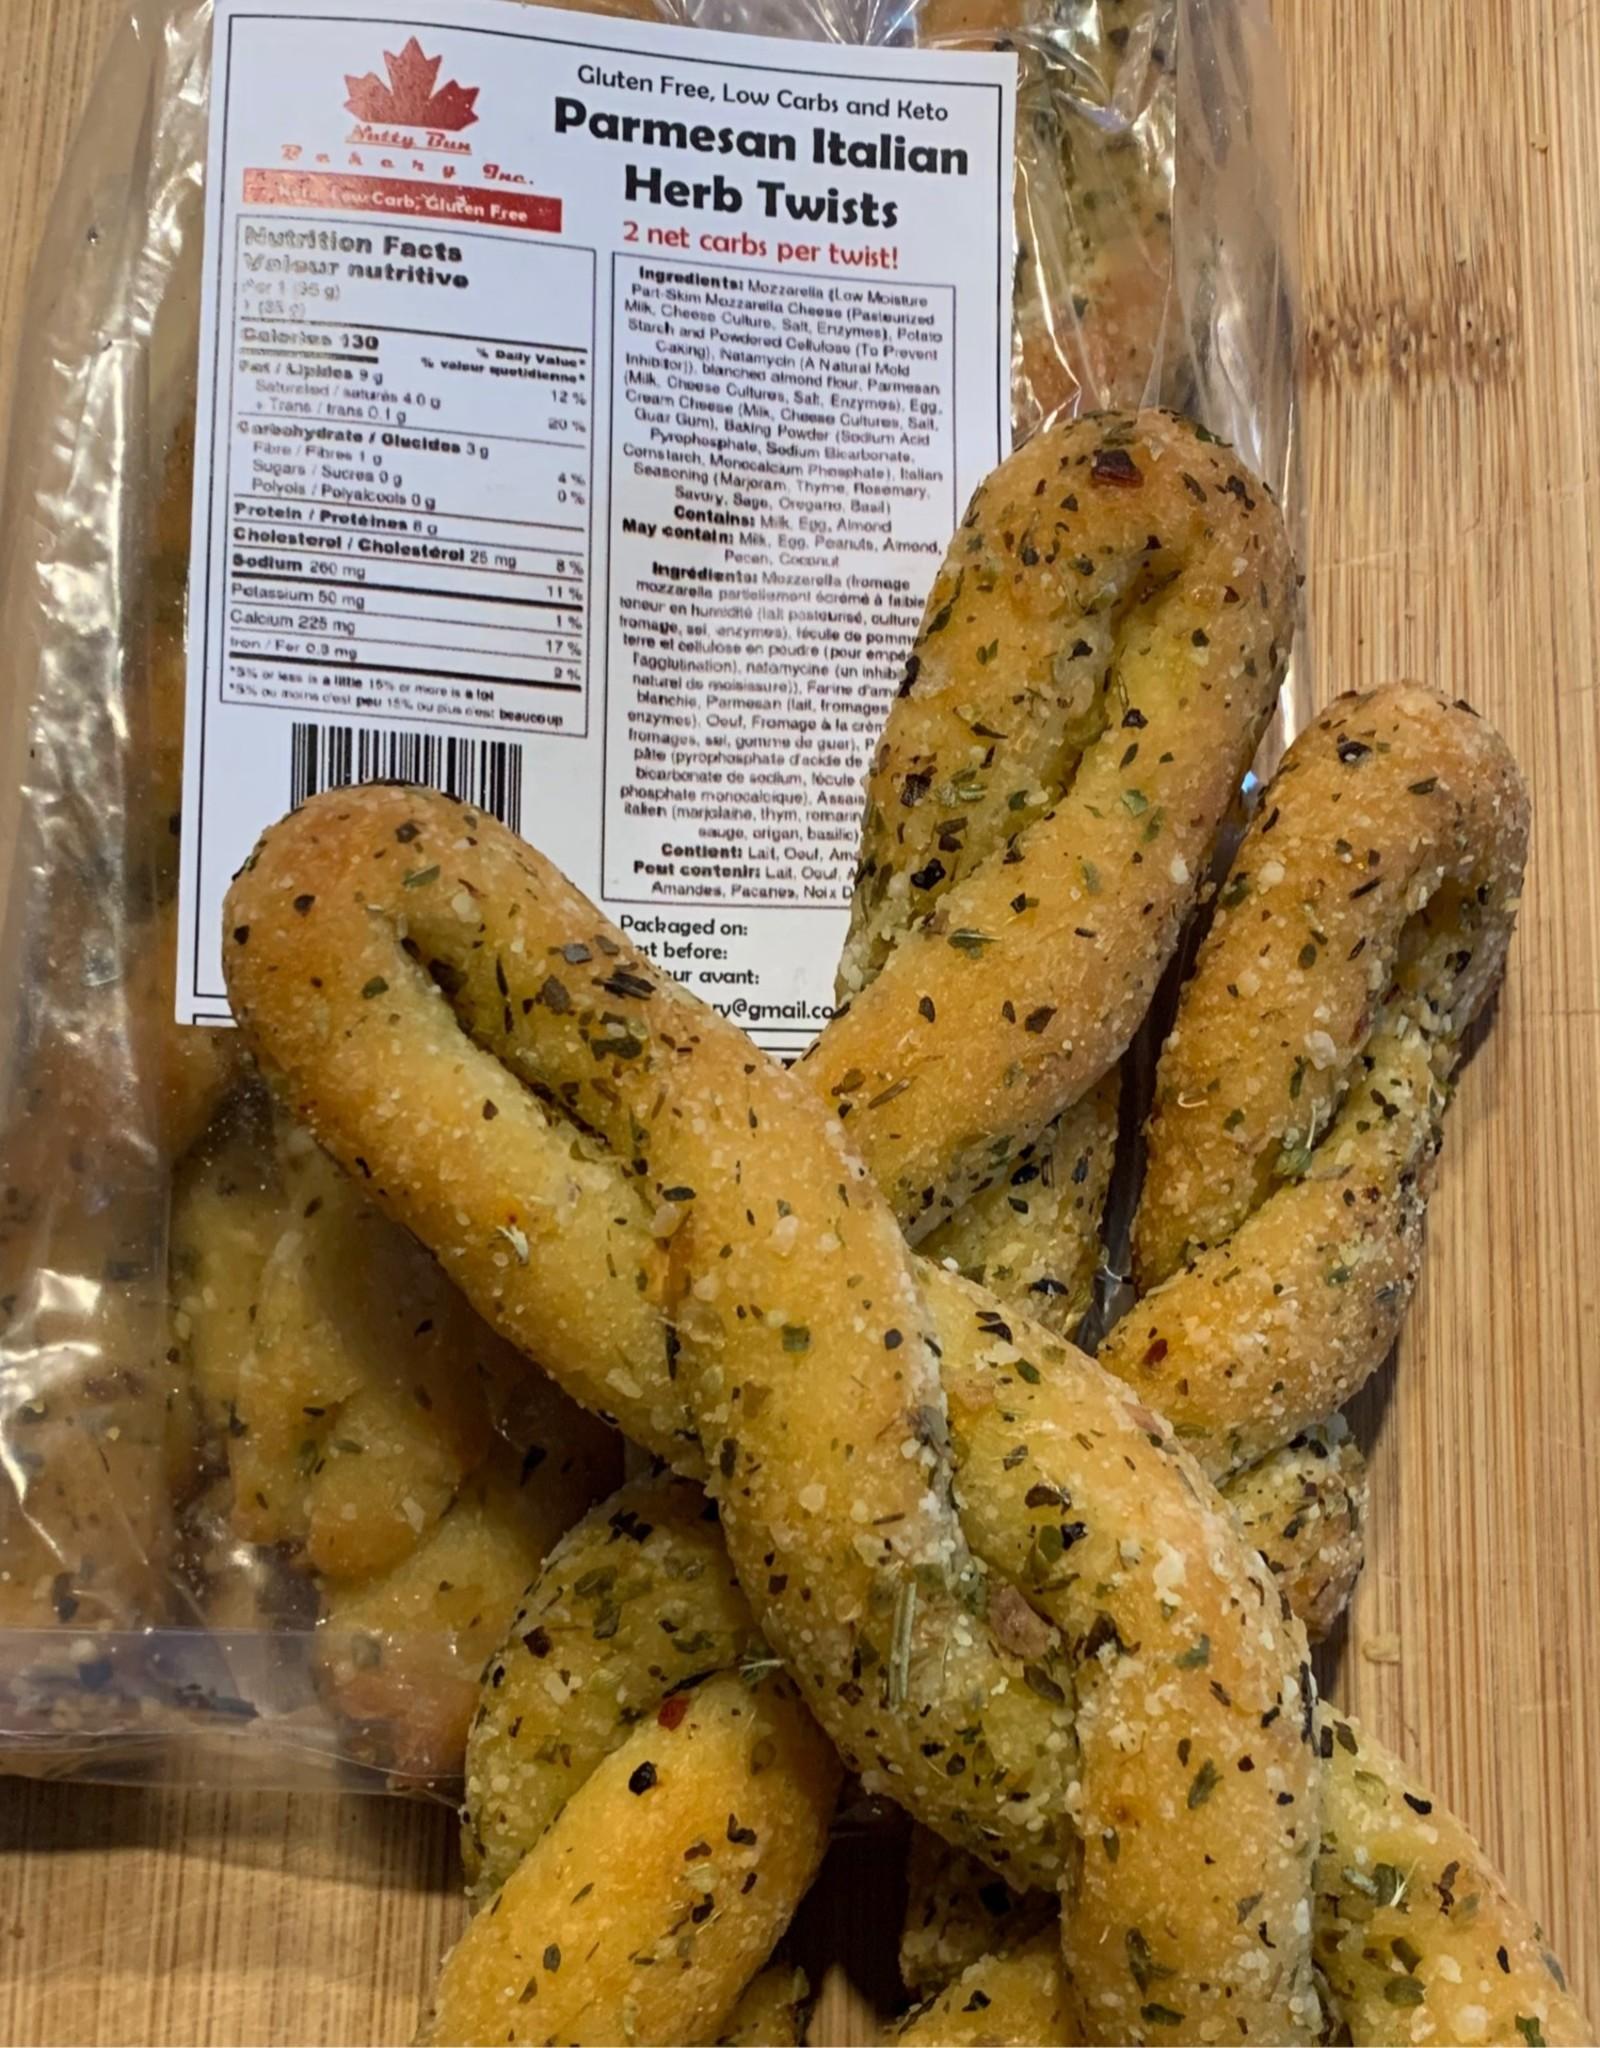 Nutty Bun - Parmesan Italian Herb Twists